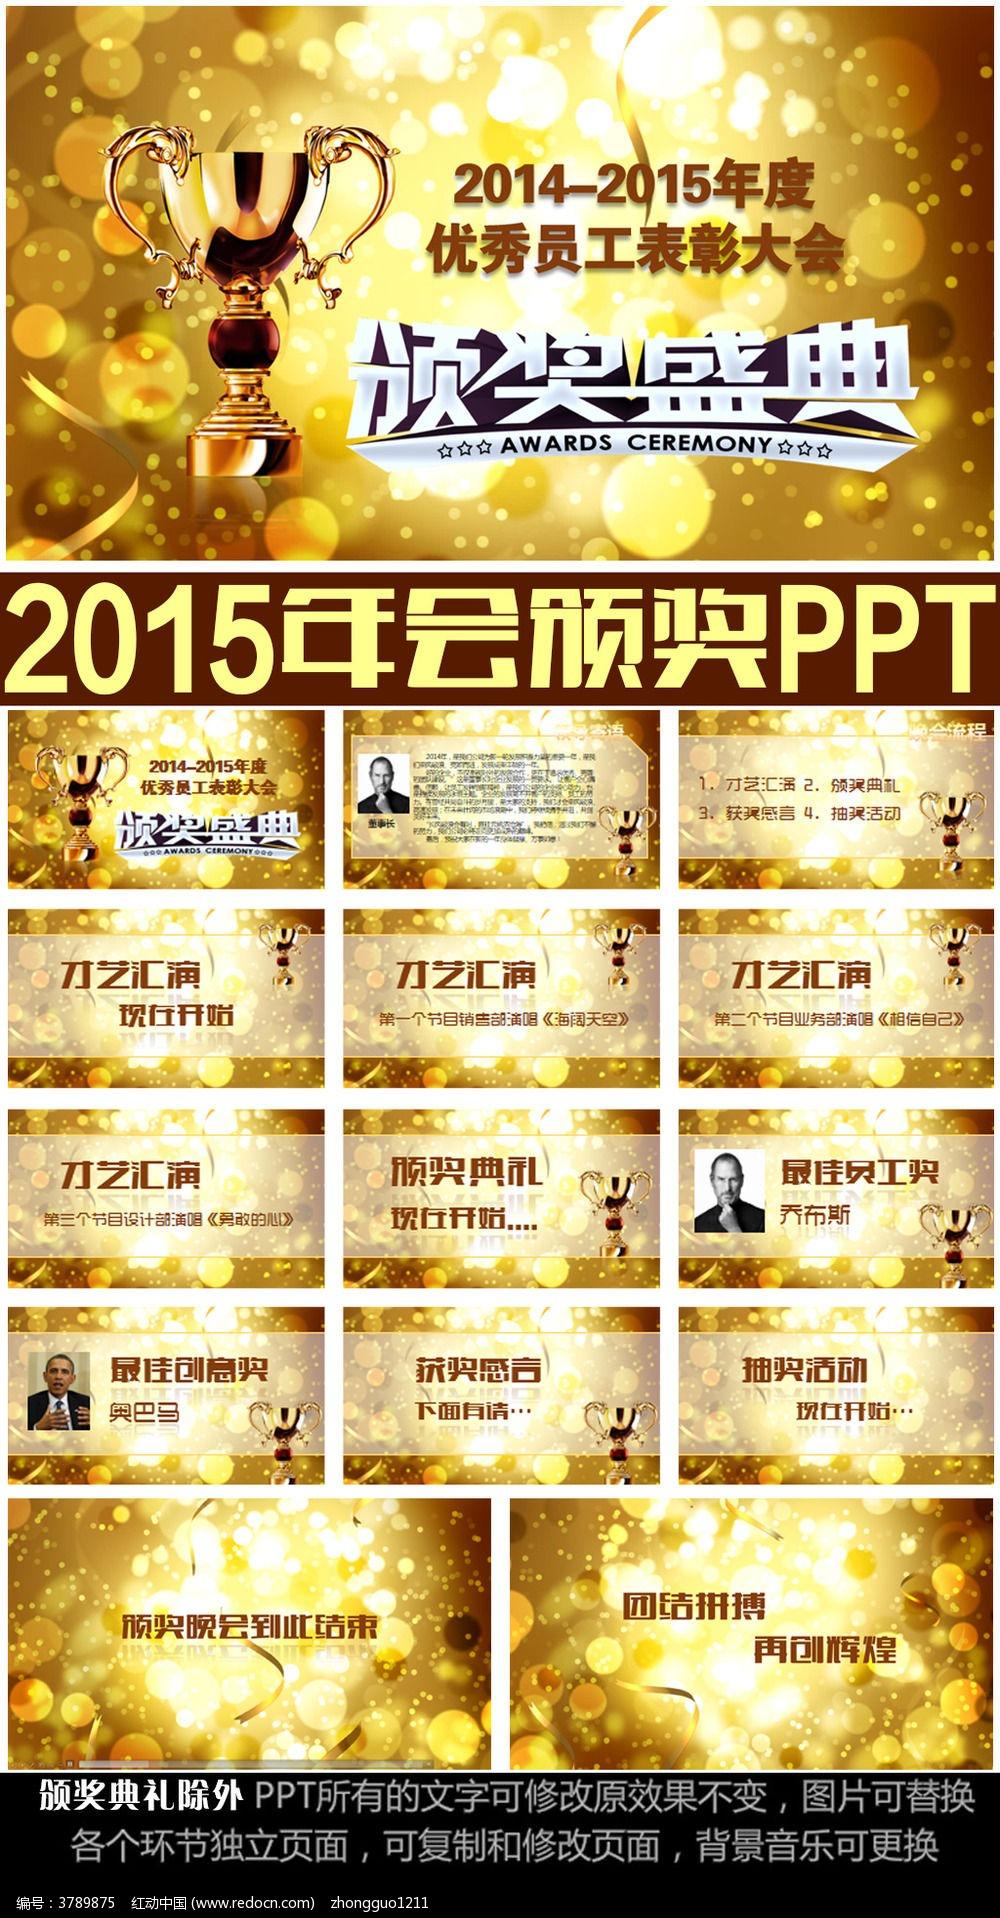 2015年度优秀员工表彰大会ppt模板下载